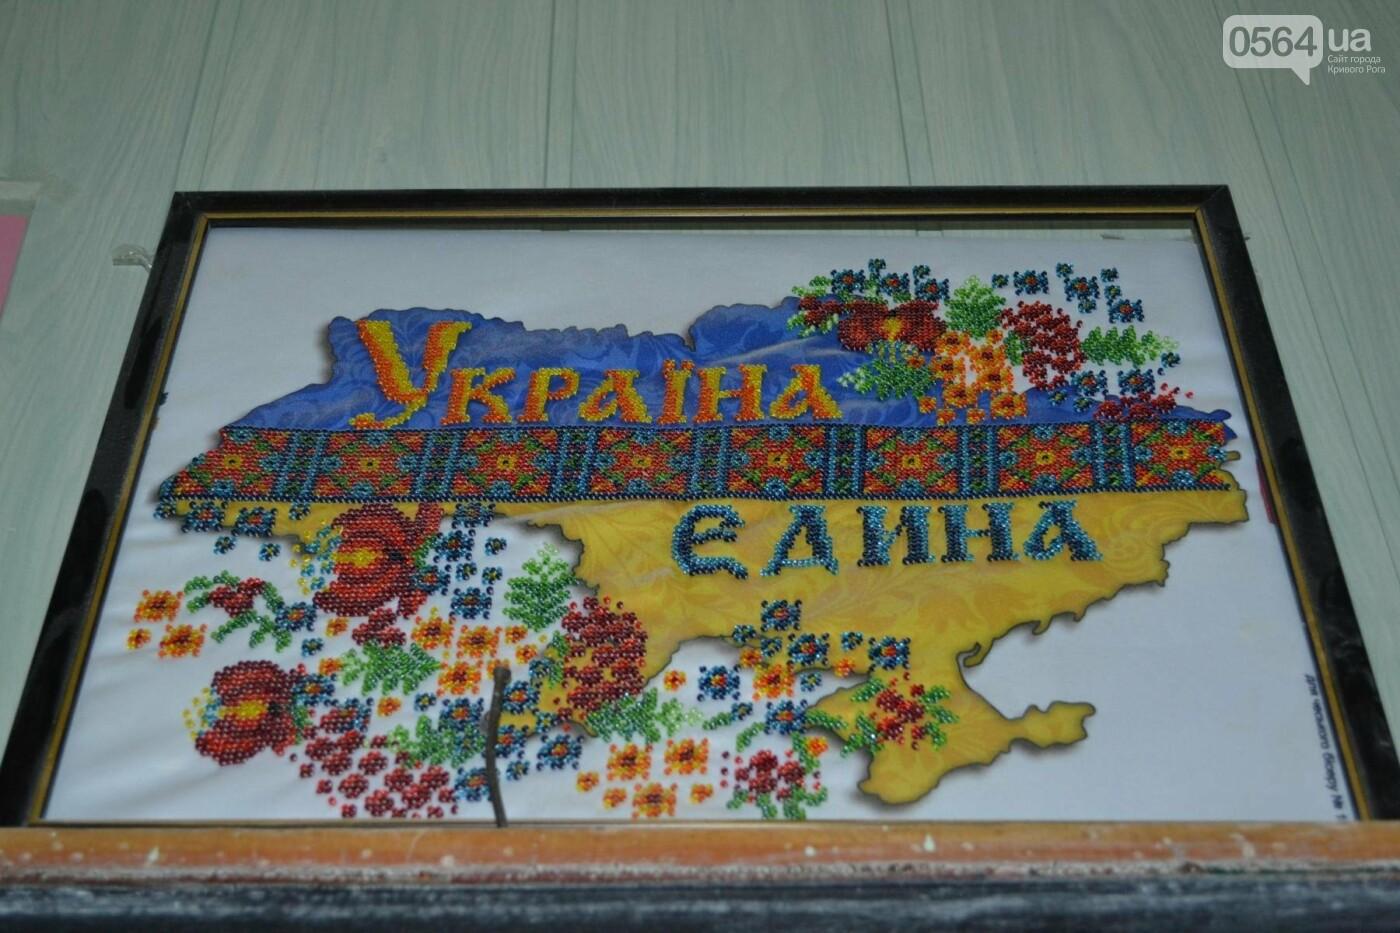 В школе Кривого Рога ремонтируют пол 5-копеечными монетами, - ФОТО, фото-16